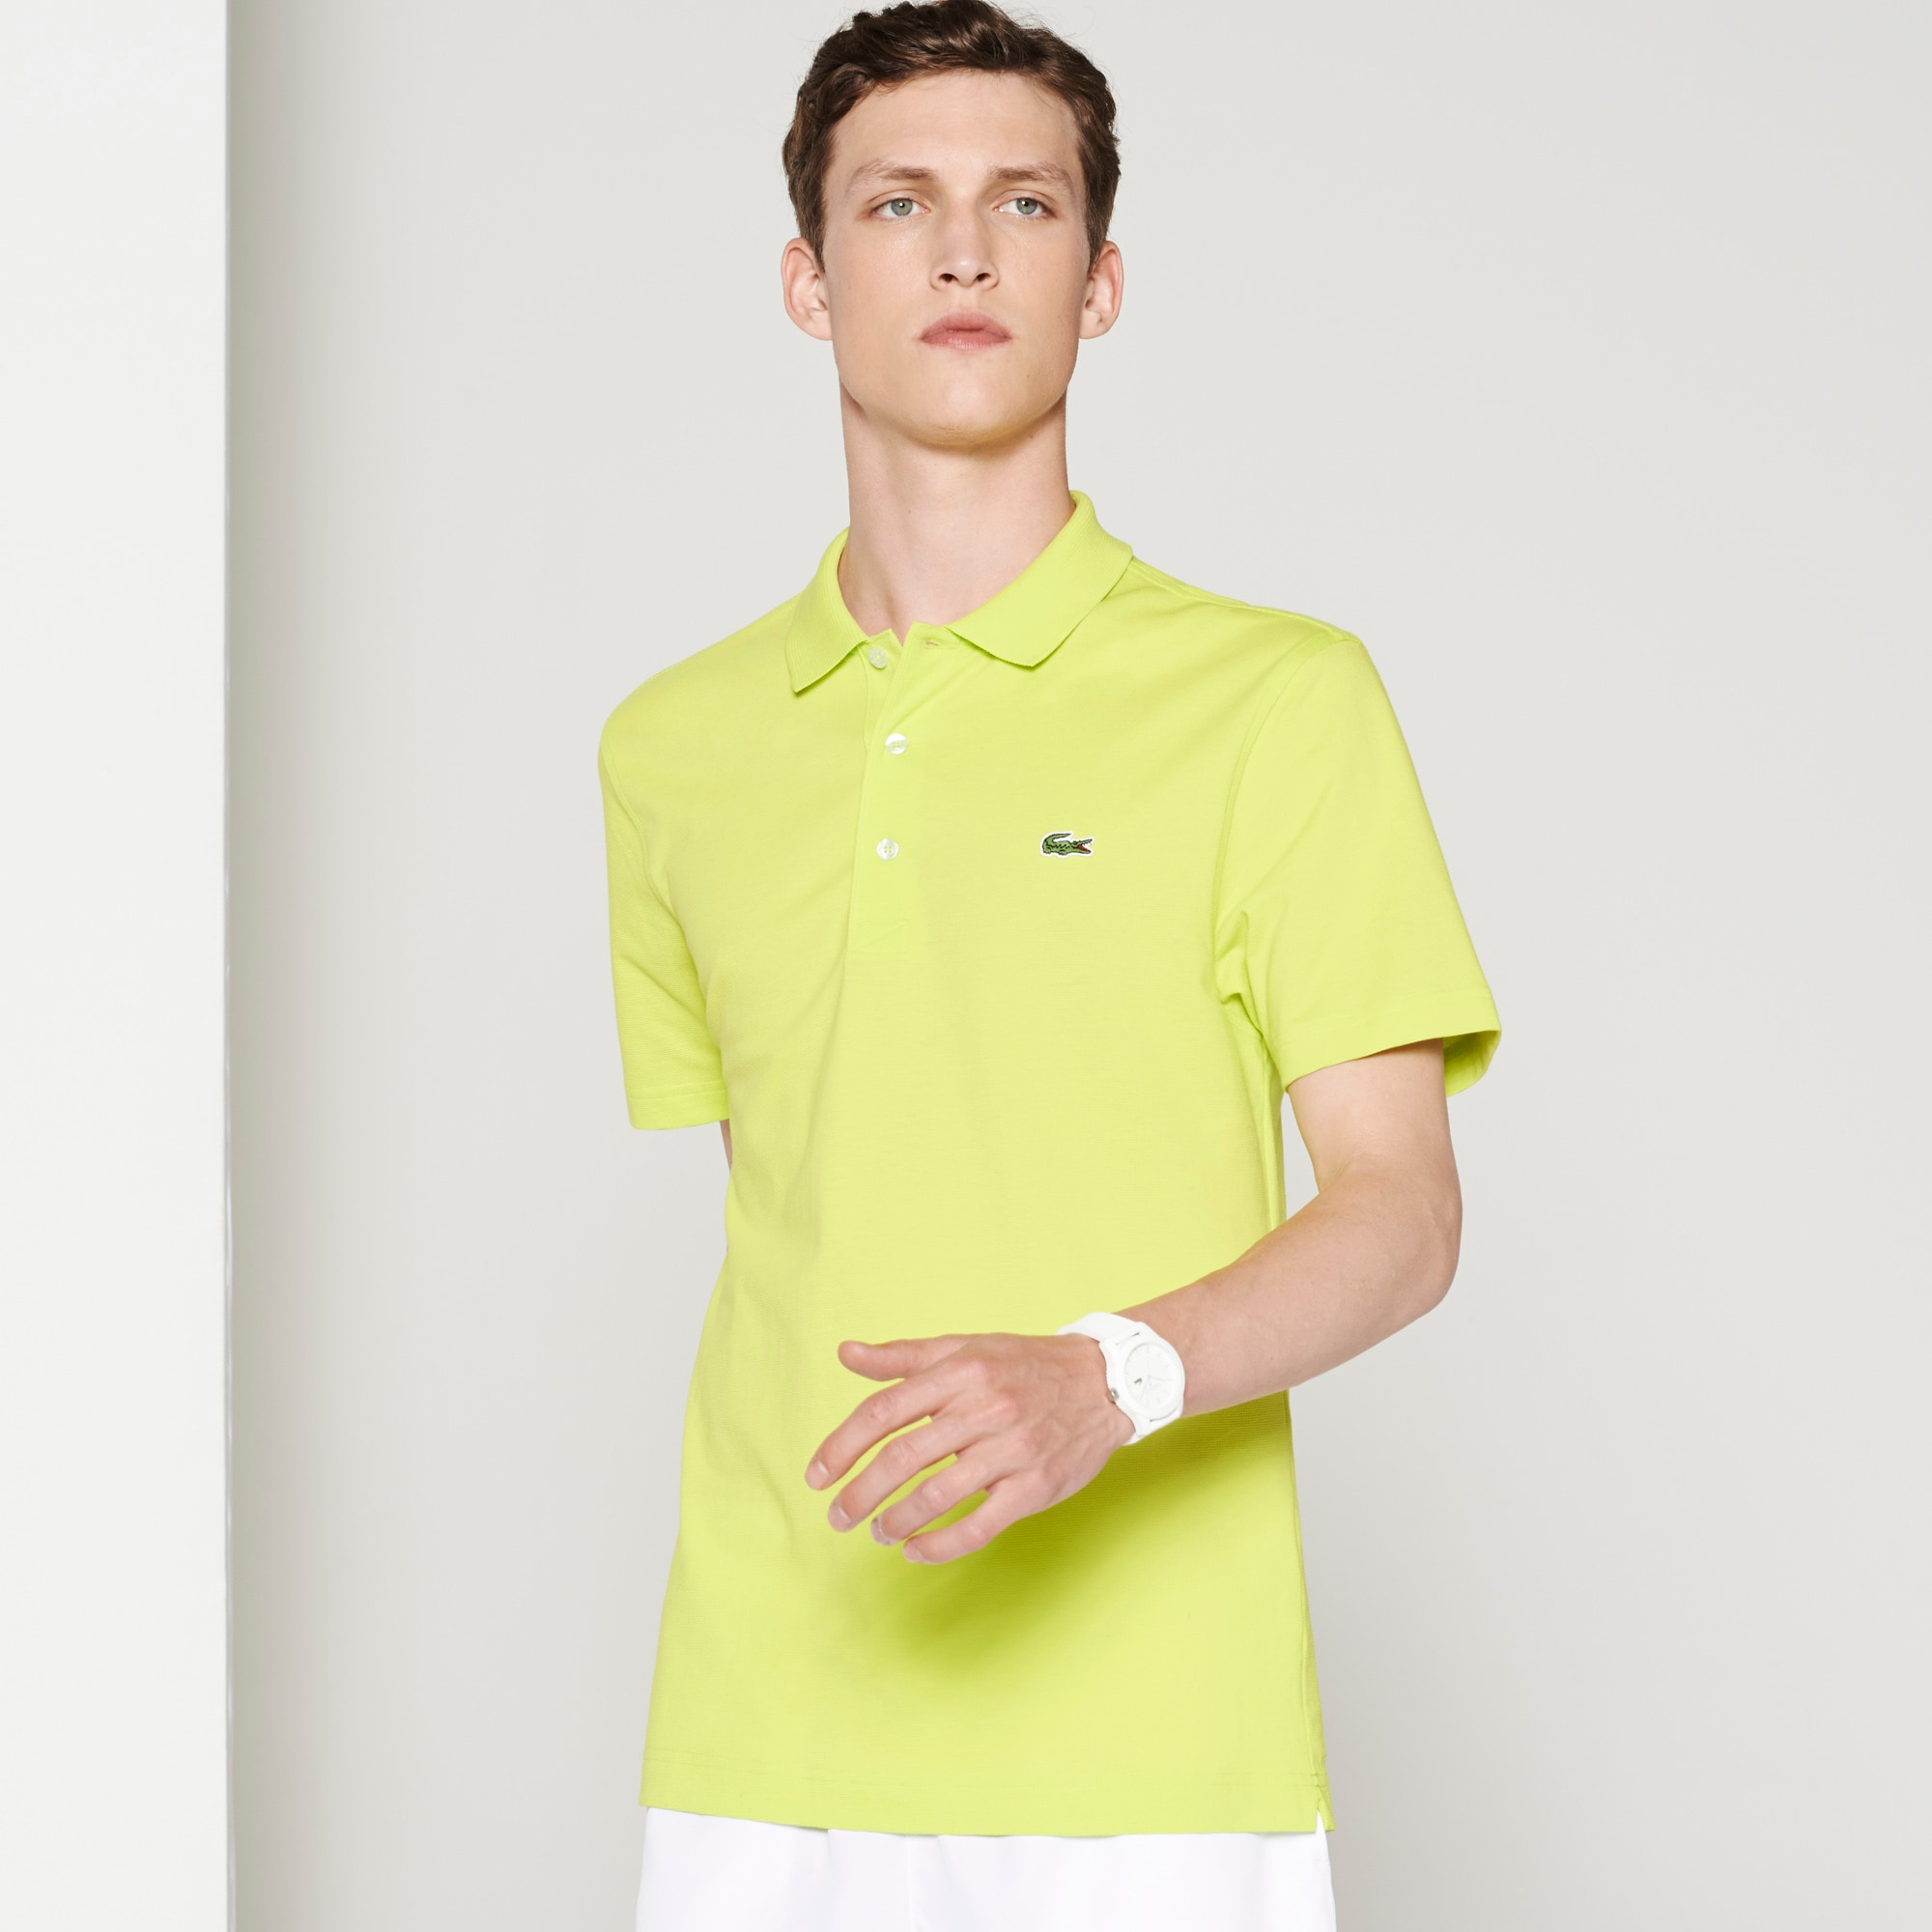 Men's Lacoste SPORT Tennis regular fit polo in ultra-lightweight knit